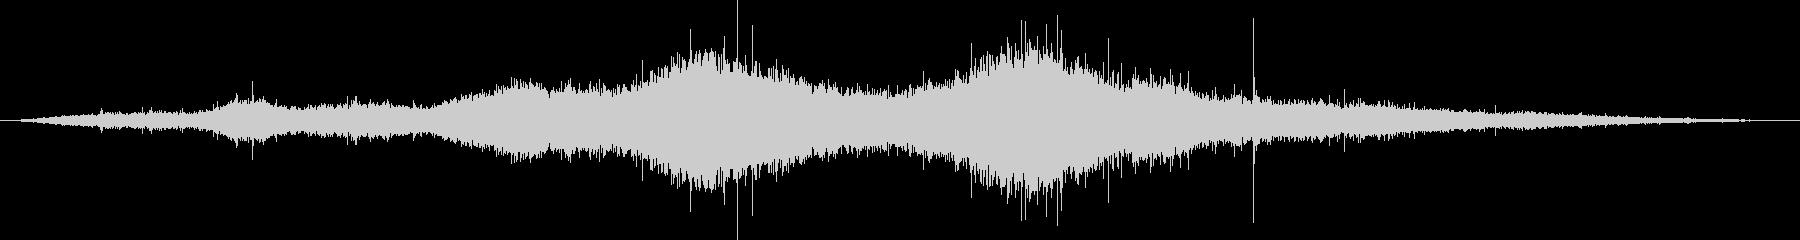 植生 木の葉ラッスルミディアム04の未再生の波形